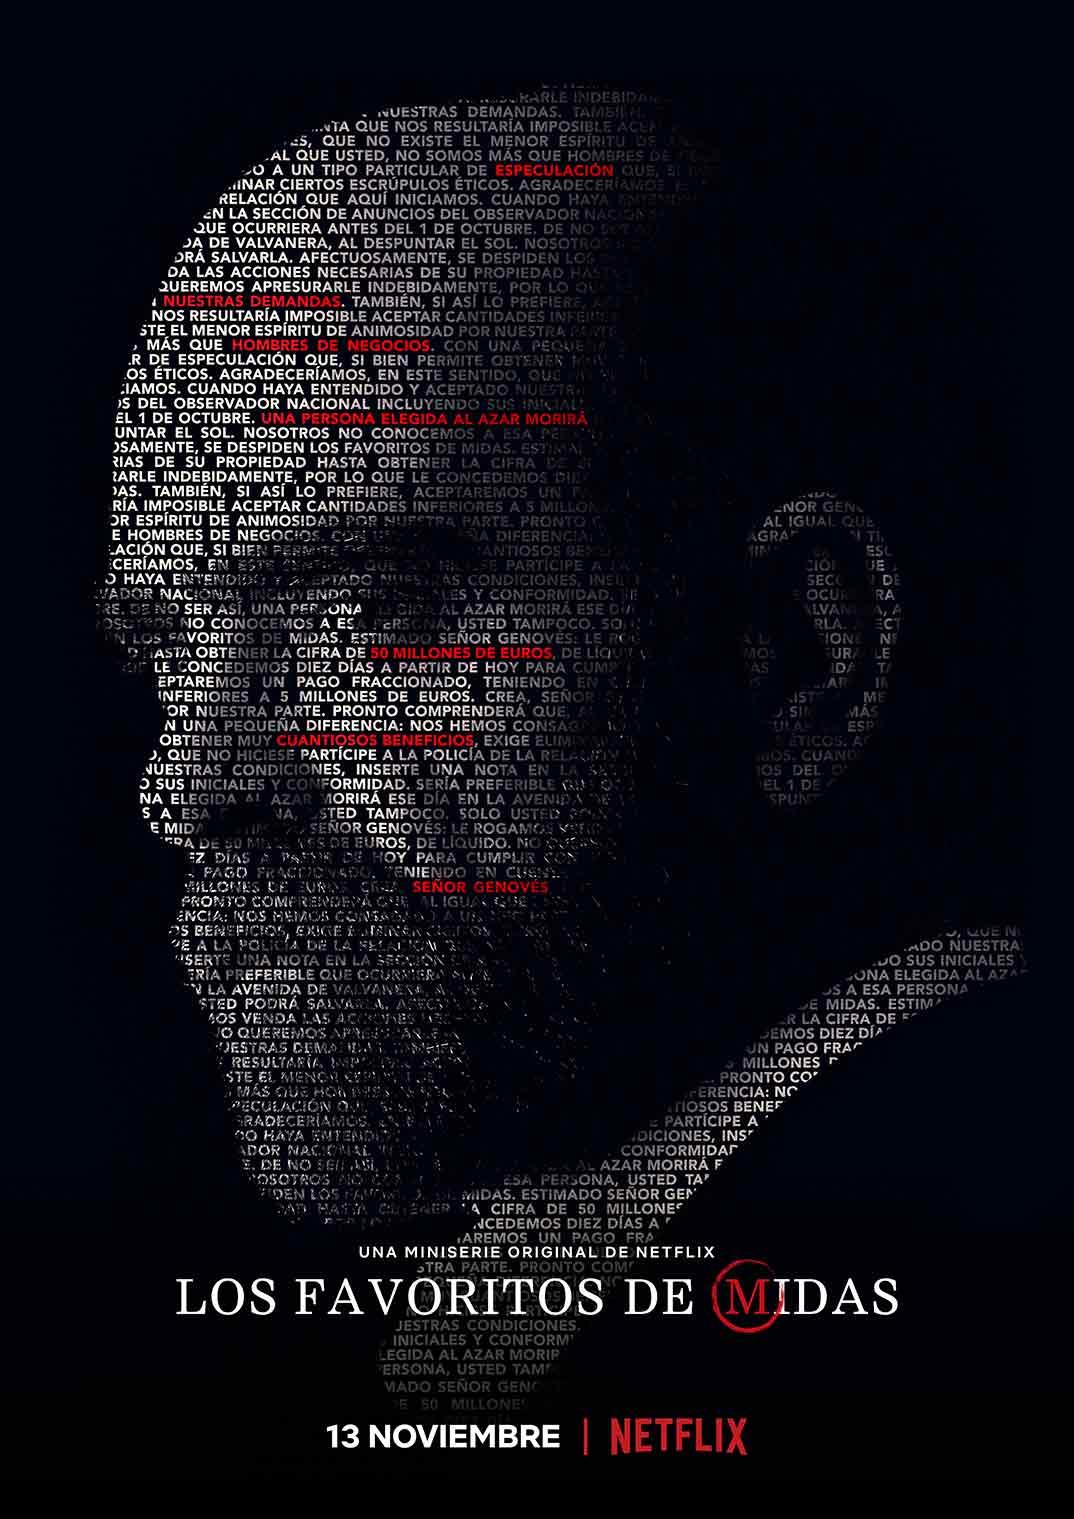 Los favoritos de Midas - Poster © Netflix